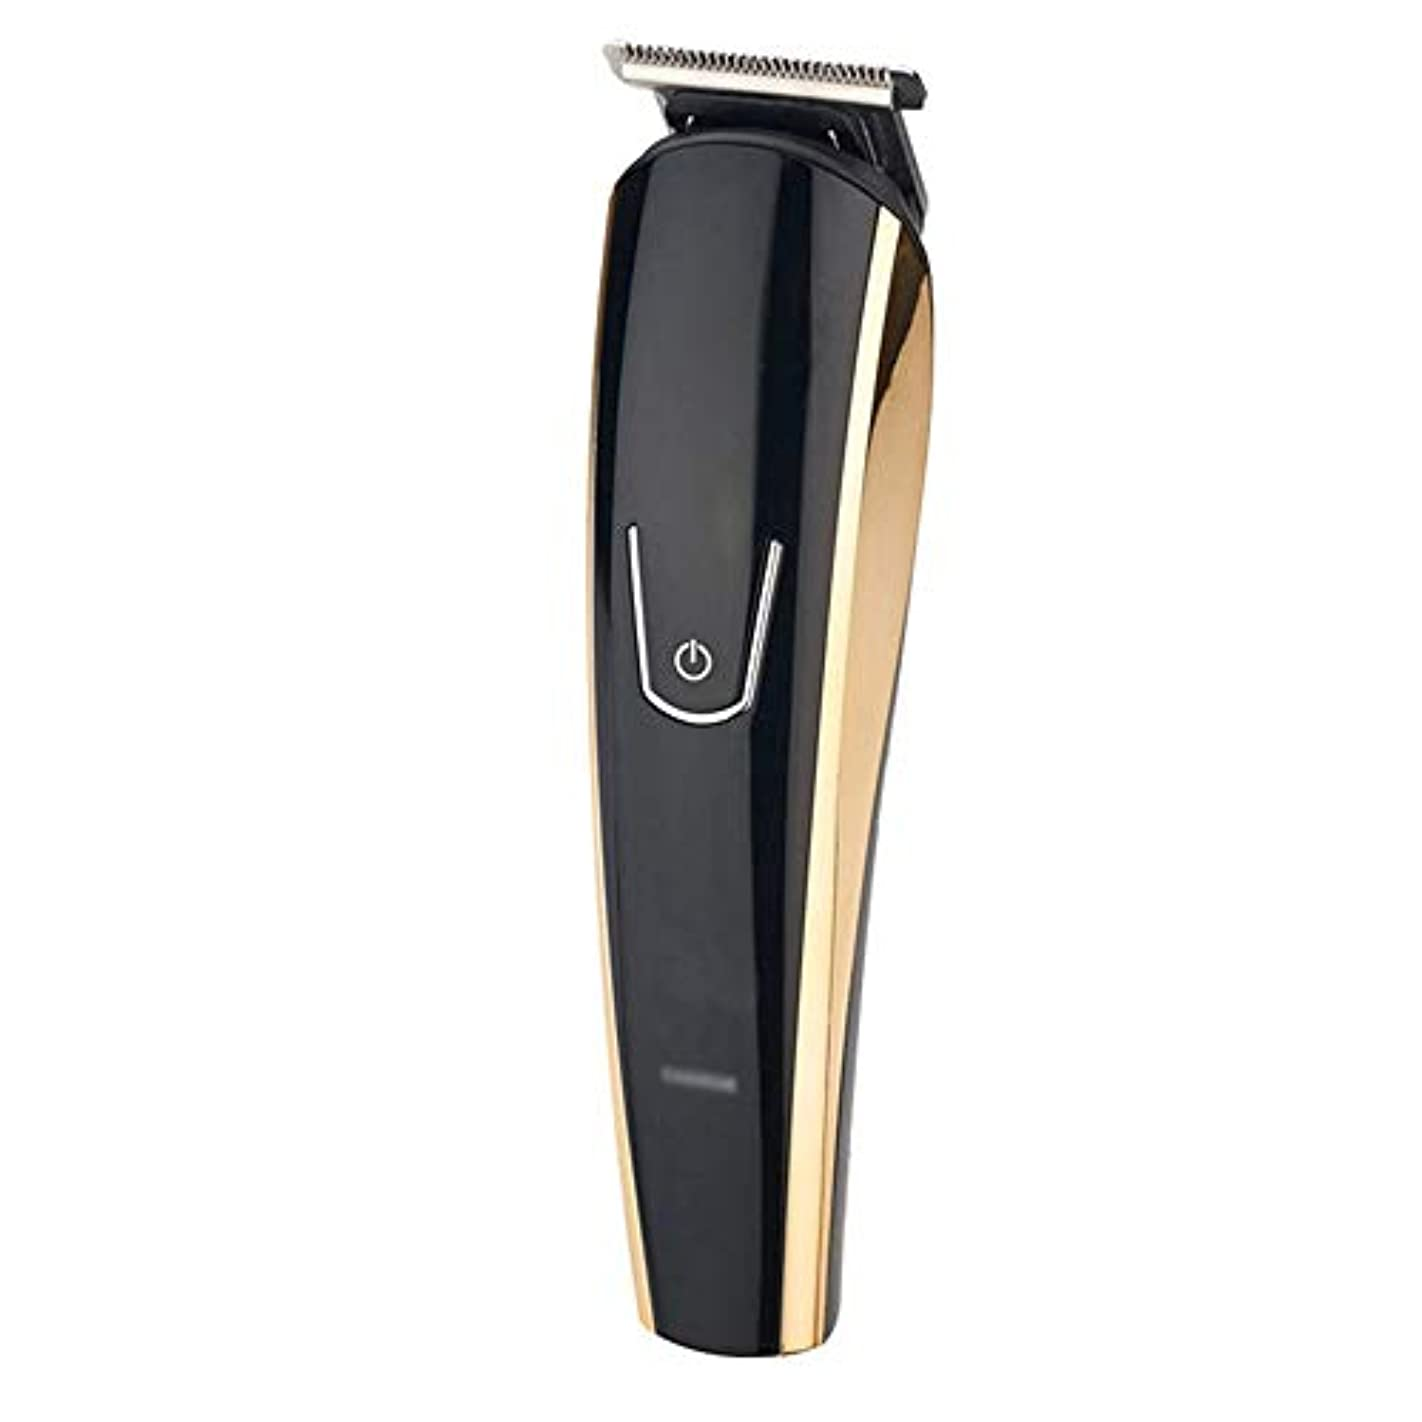 ジェームズダイソン壁ポテトWAKABAFK 多機能5イン1バリカンusb充電式電動ヘアカッターヘアカッティングマシン理髪かみそり